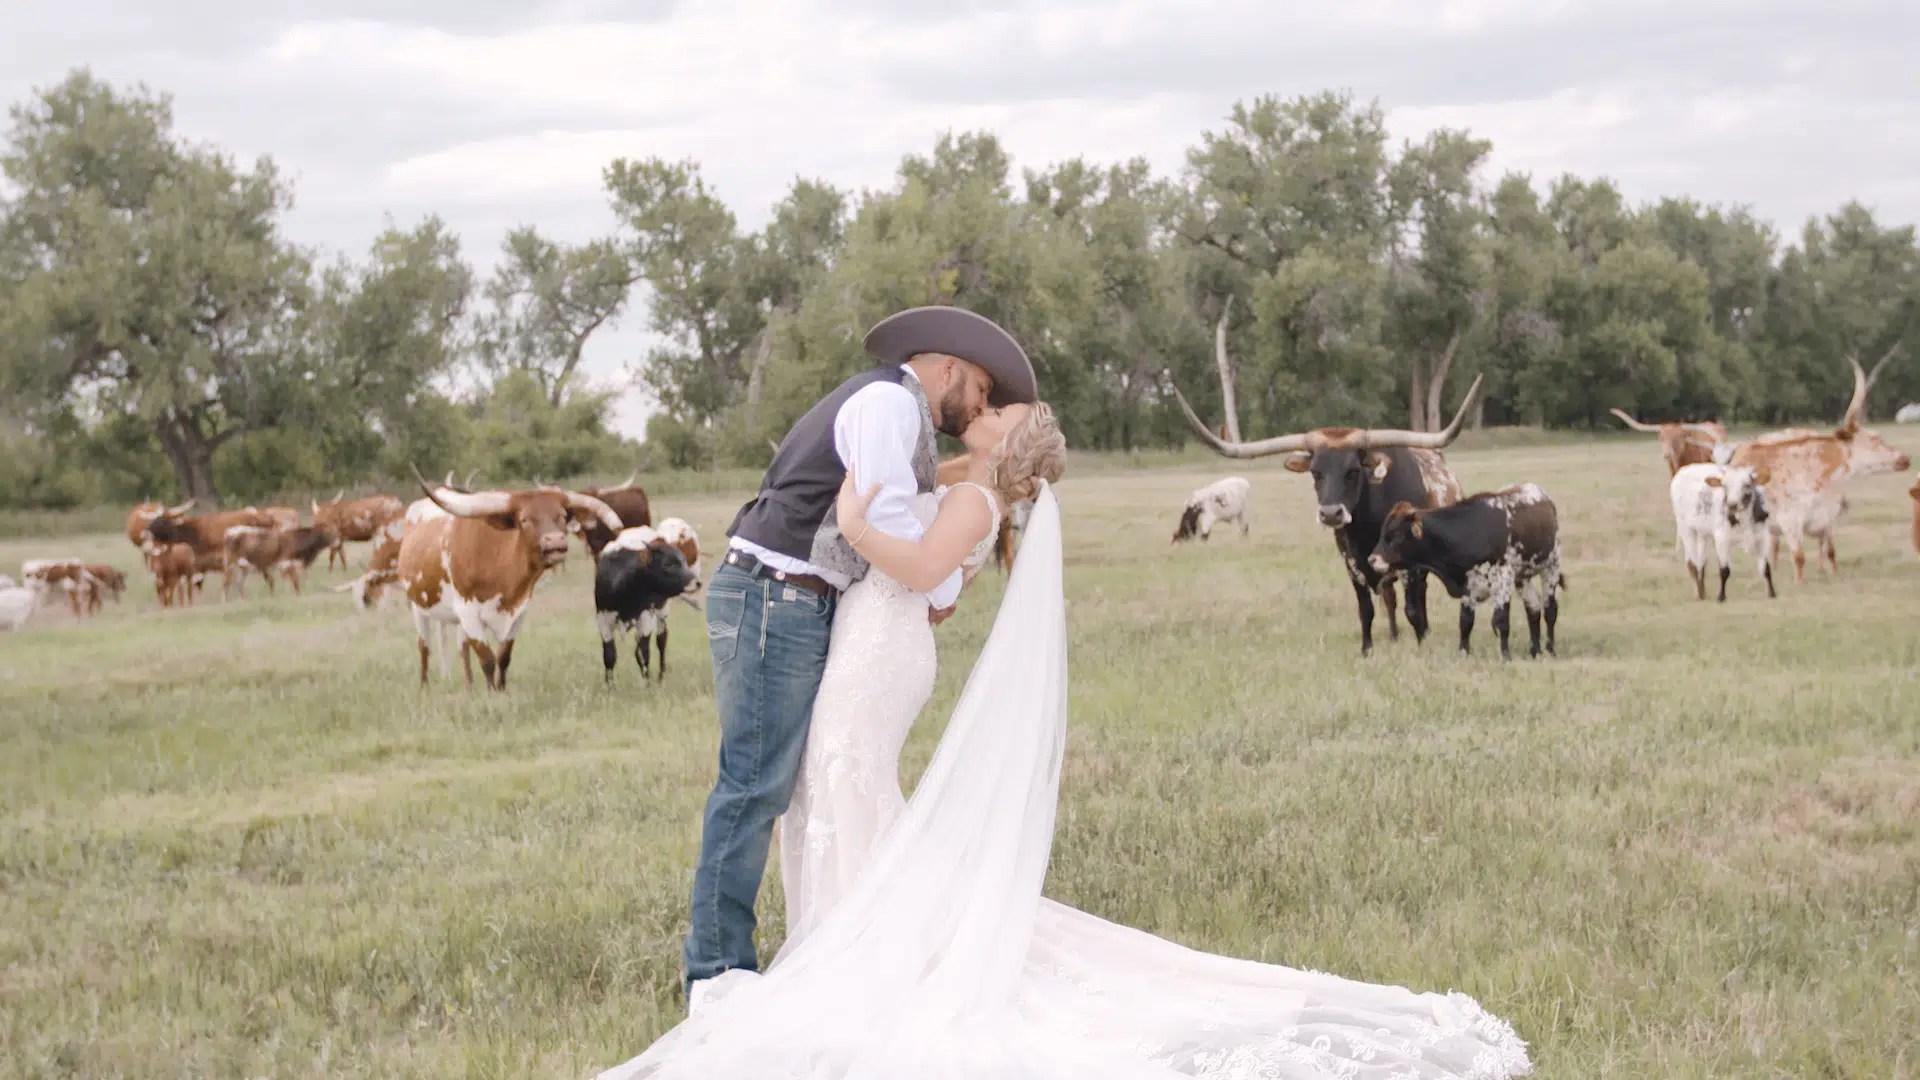 platte river fort wedding videographer